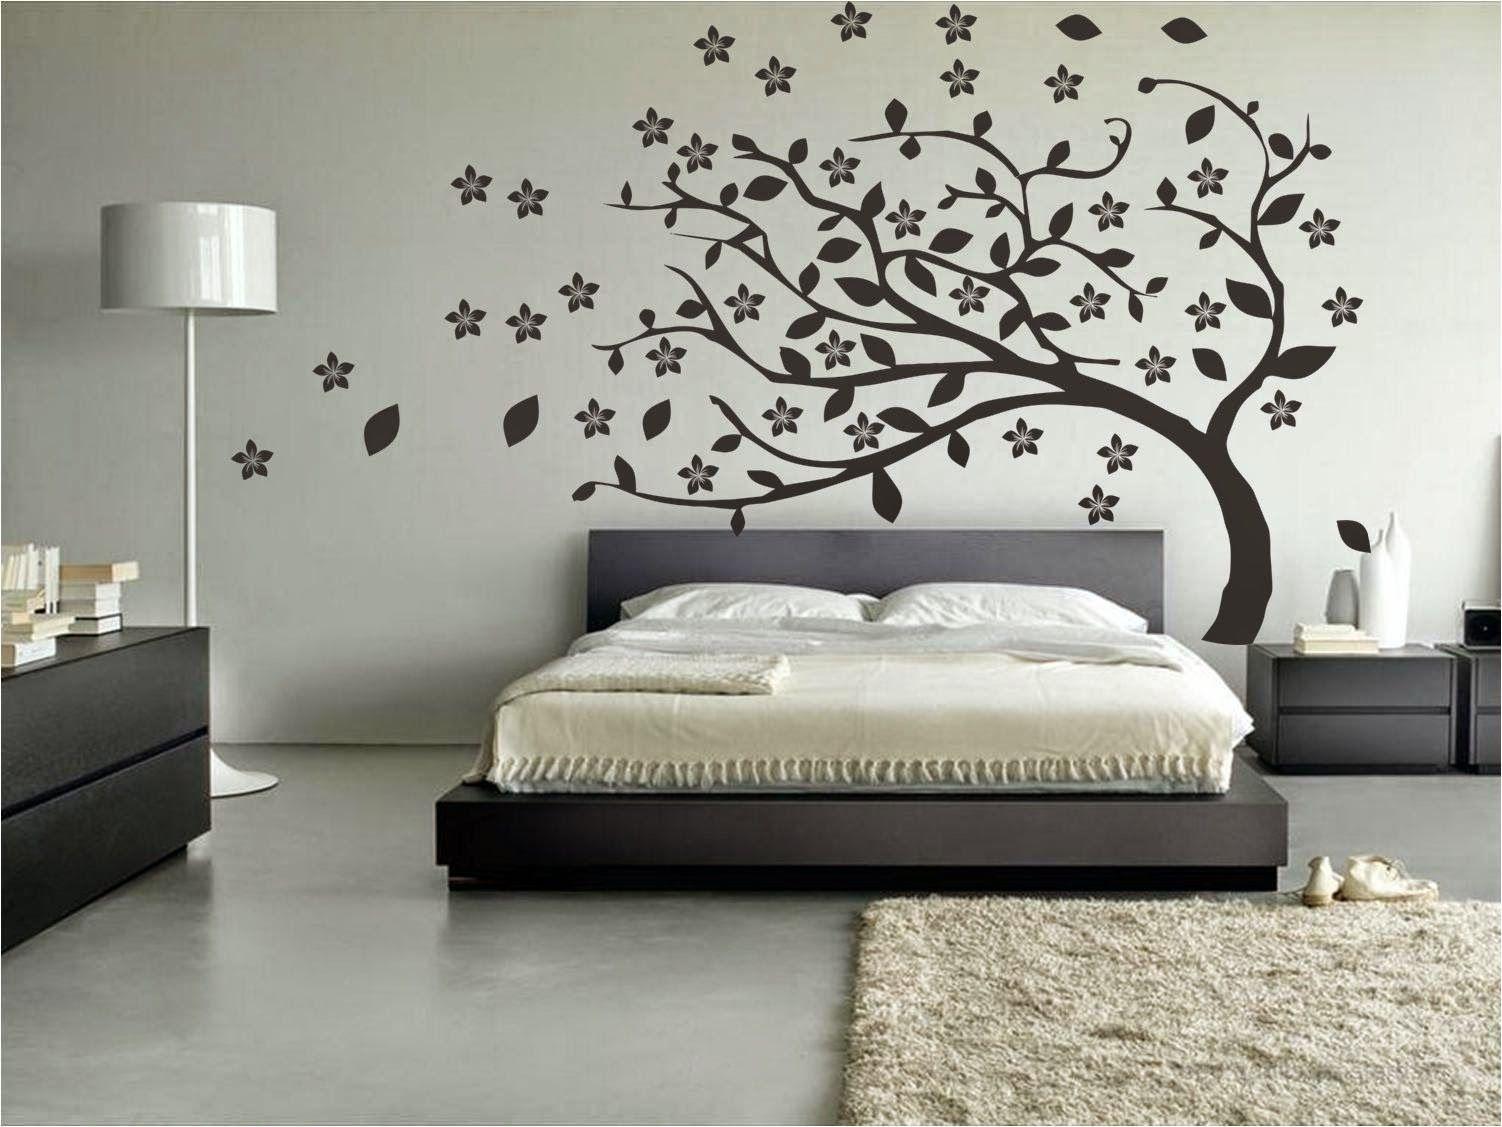 La Decoraci N Con Vinilos Interior Design Pinterest  ~ Murales Decorativos Para Habitaciones De Adultos